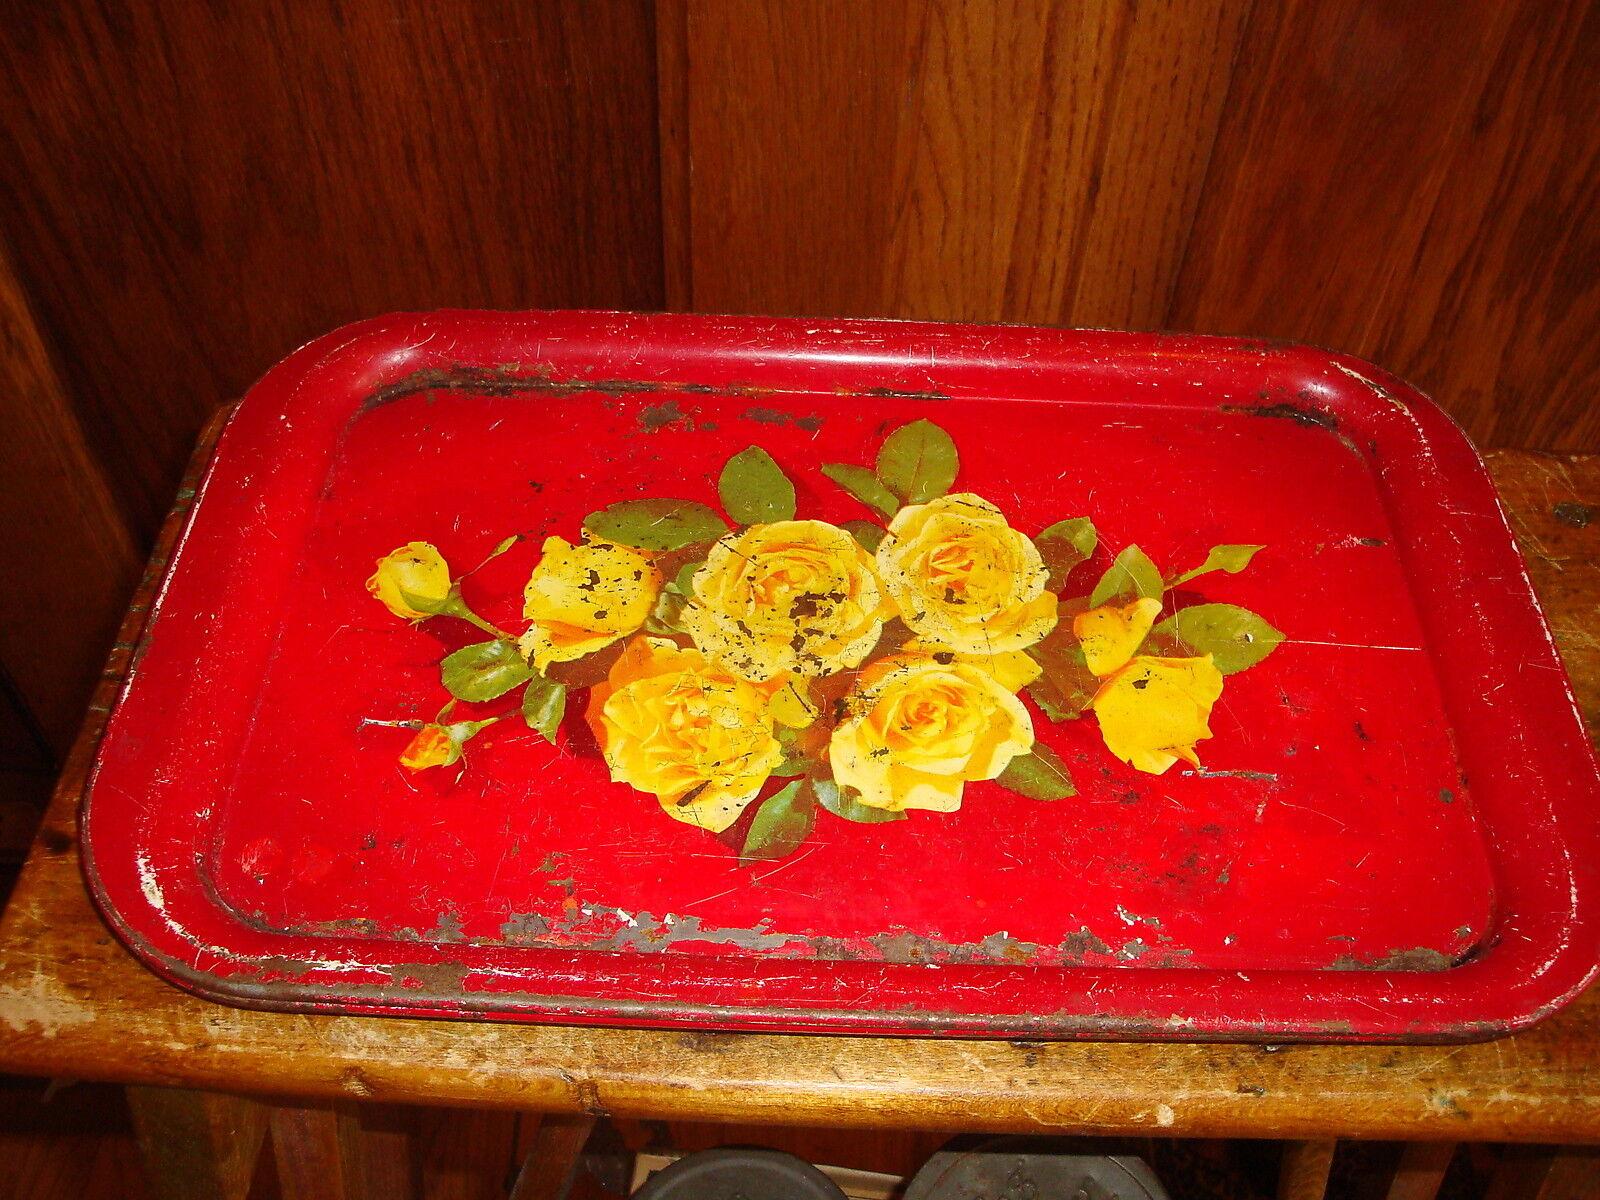 Vintage metal seving trays